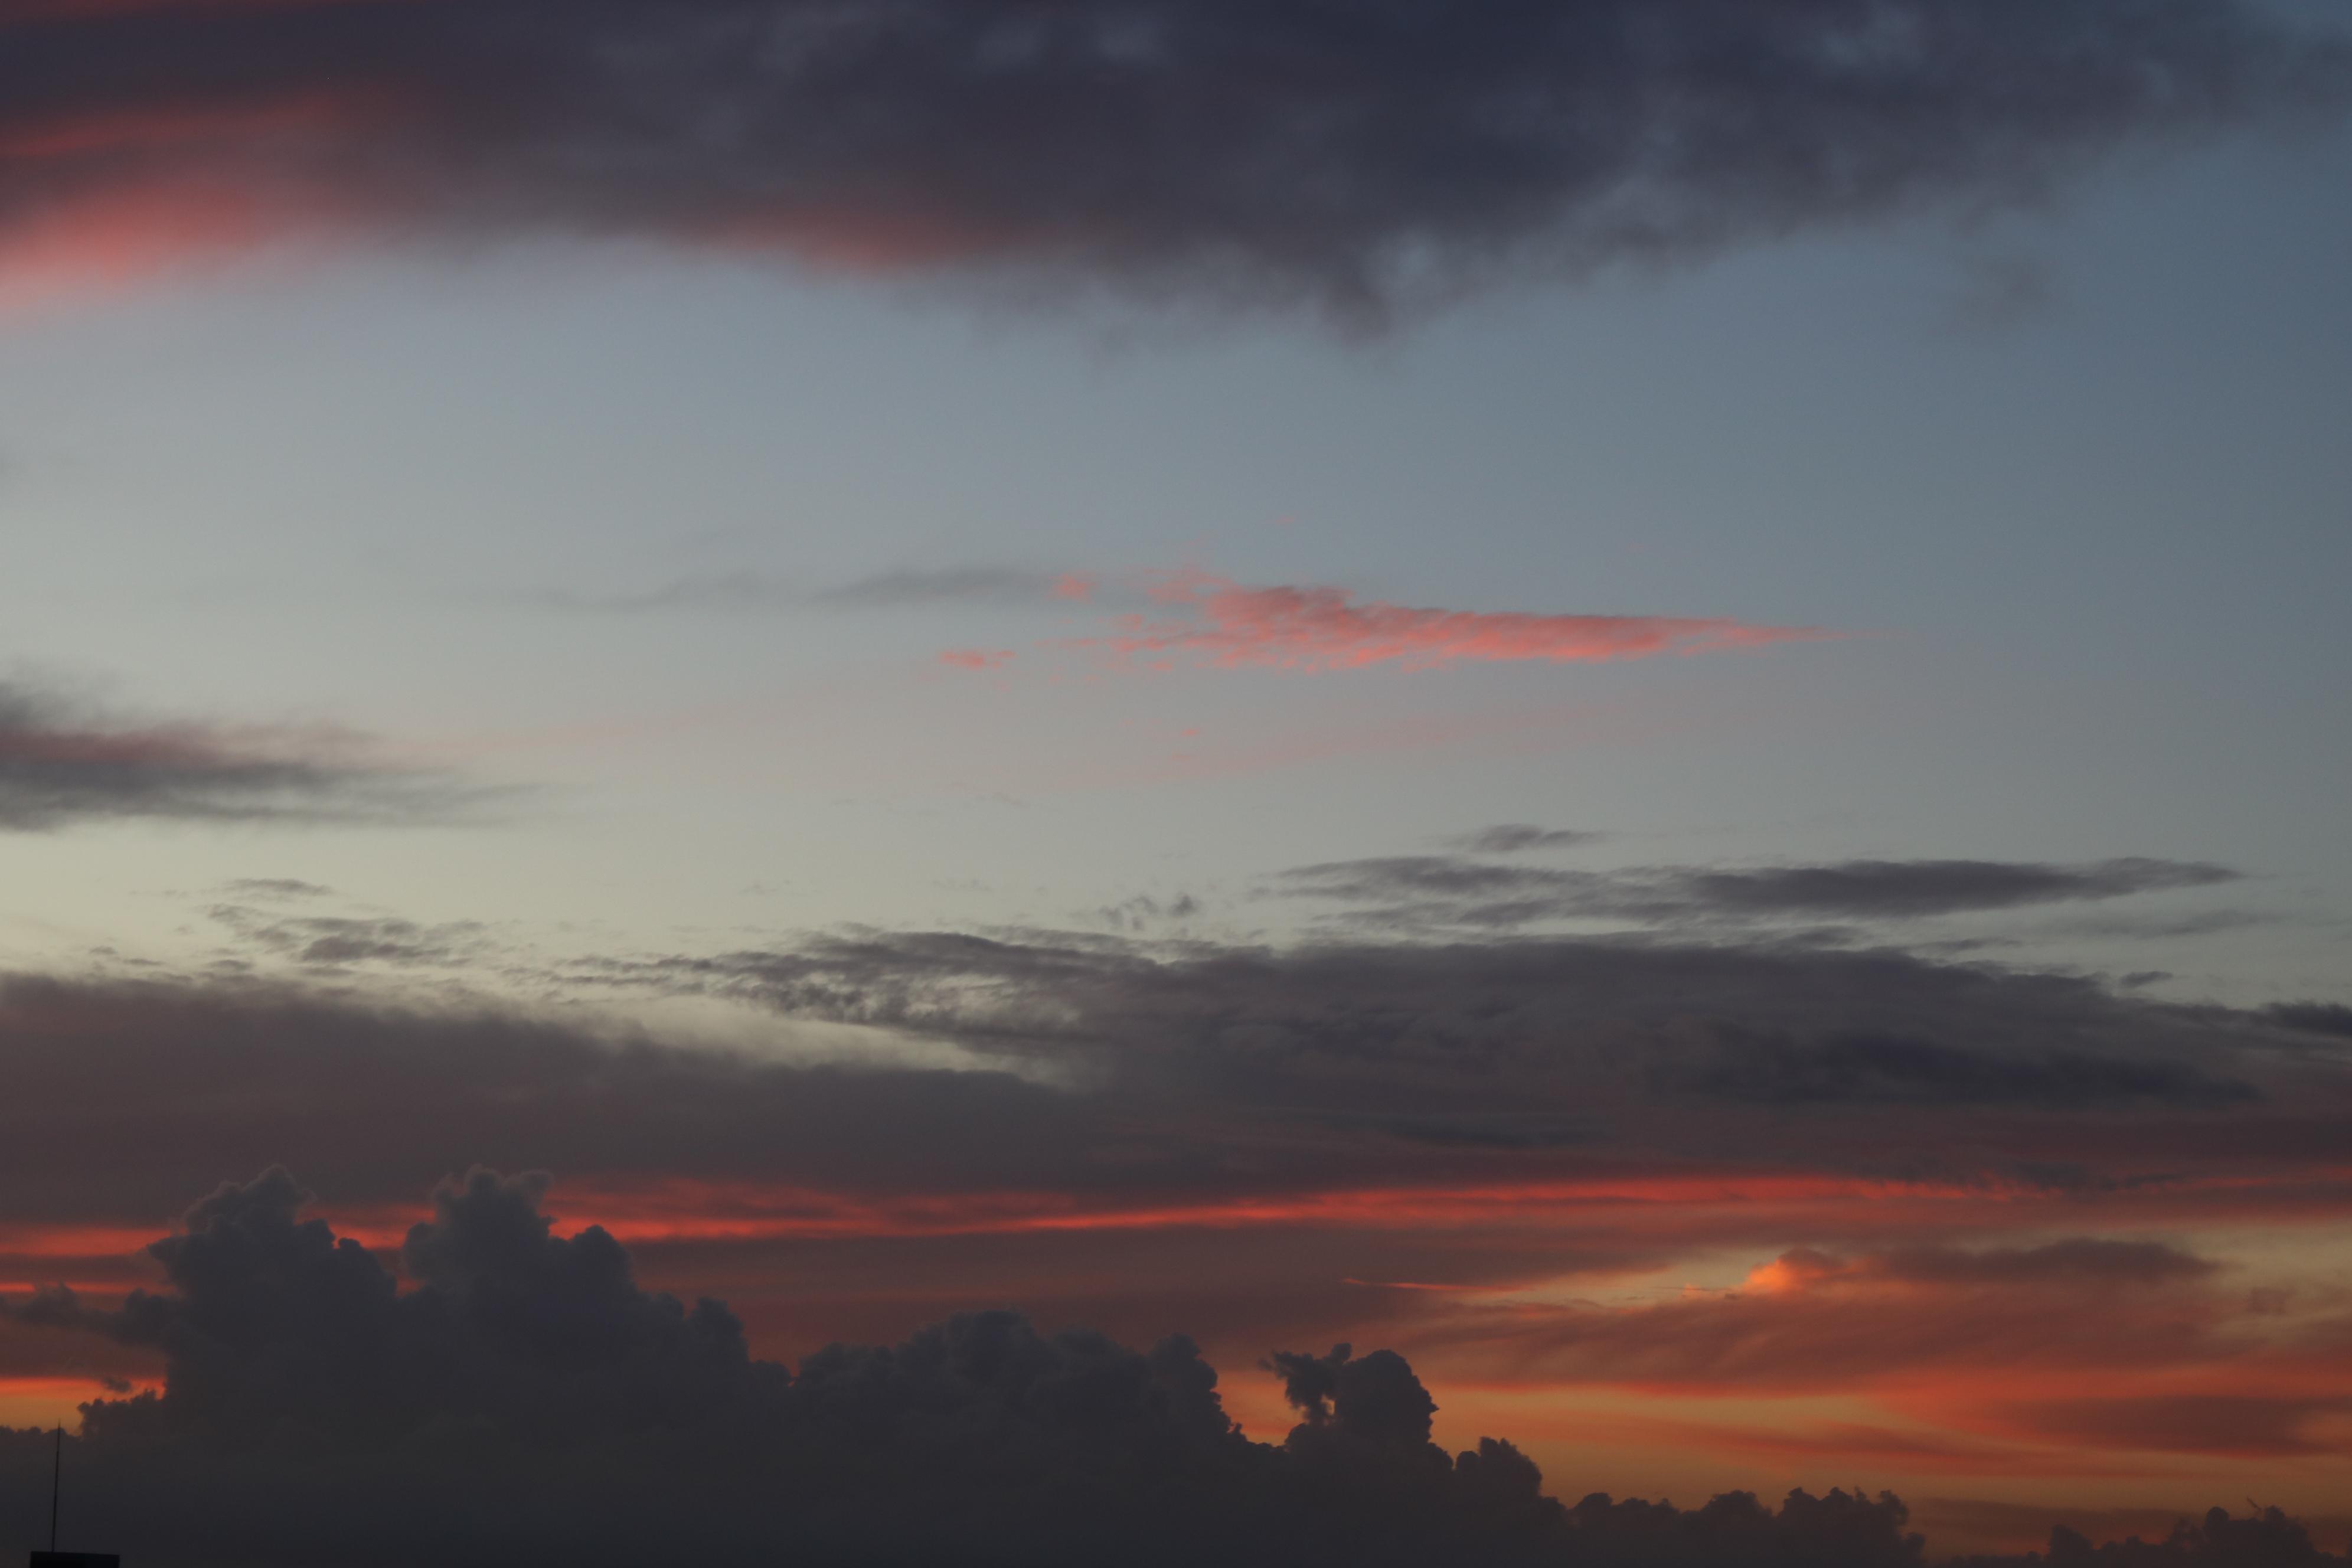 2020年9月7日の夜明け前の地平線のもくもく雲